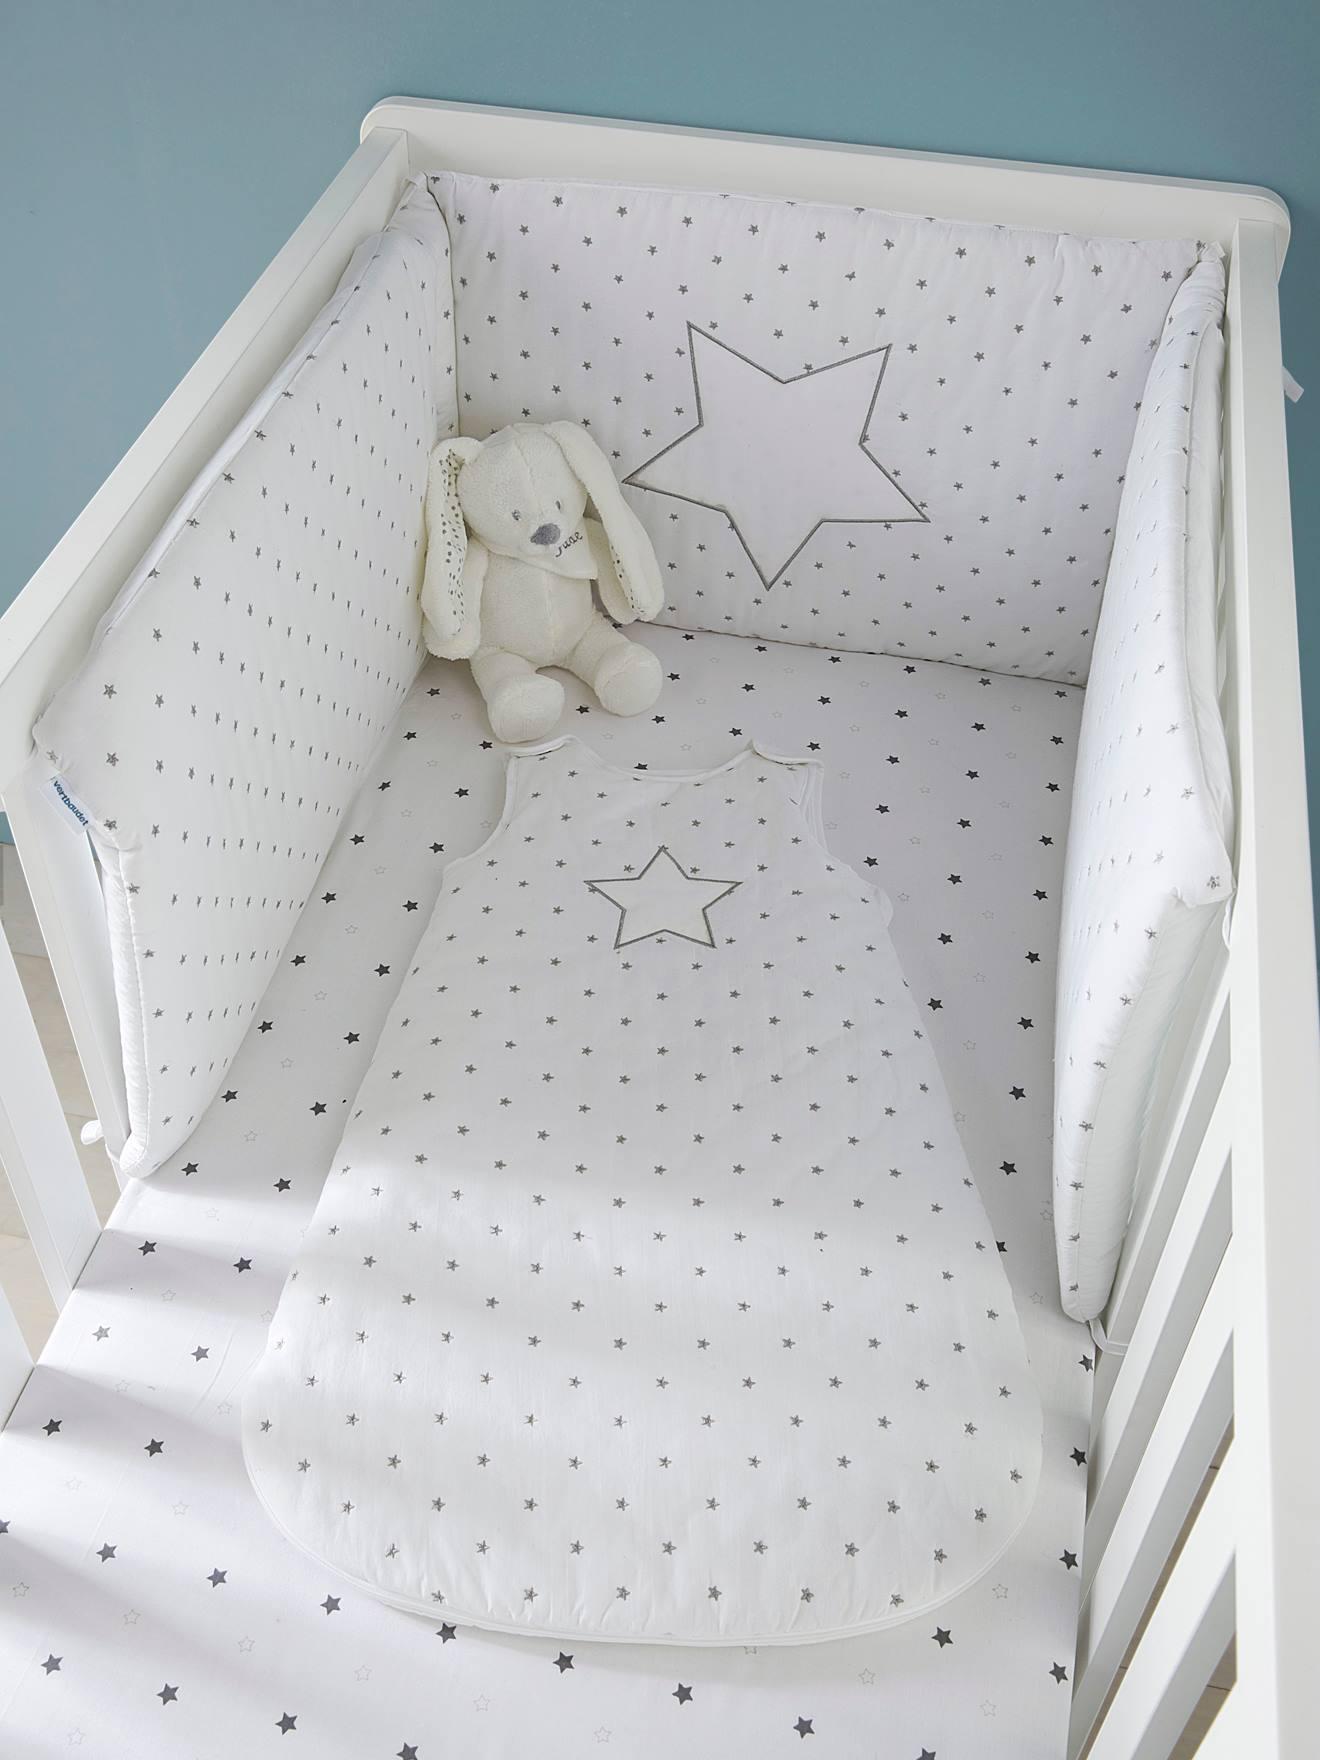 Tour de lit PLUIE D'ETOILES blanc - Vertbaudet